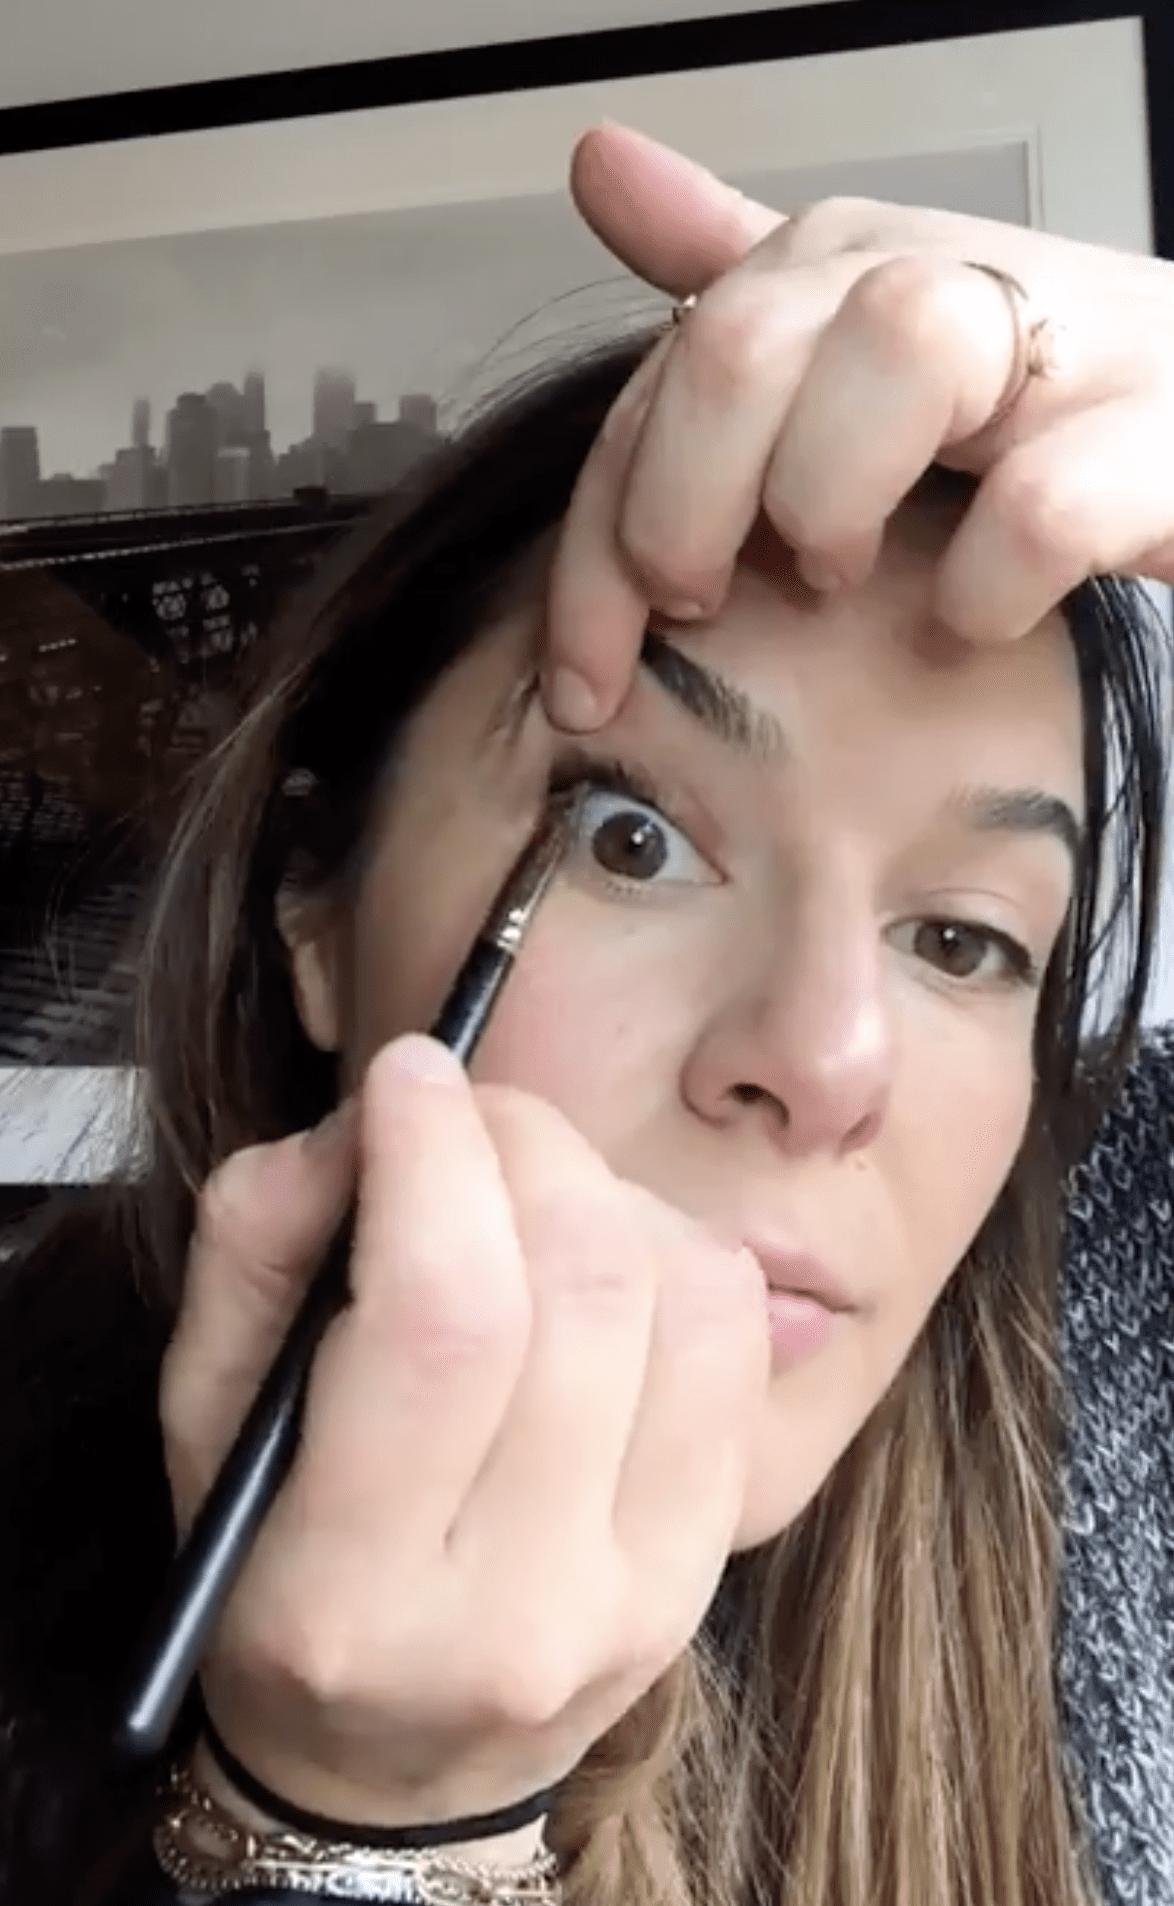 makeup artist Jenna Menard tightlining her eyes